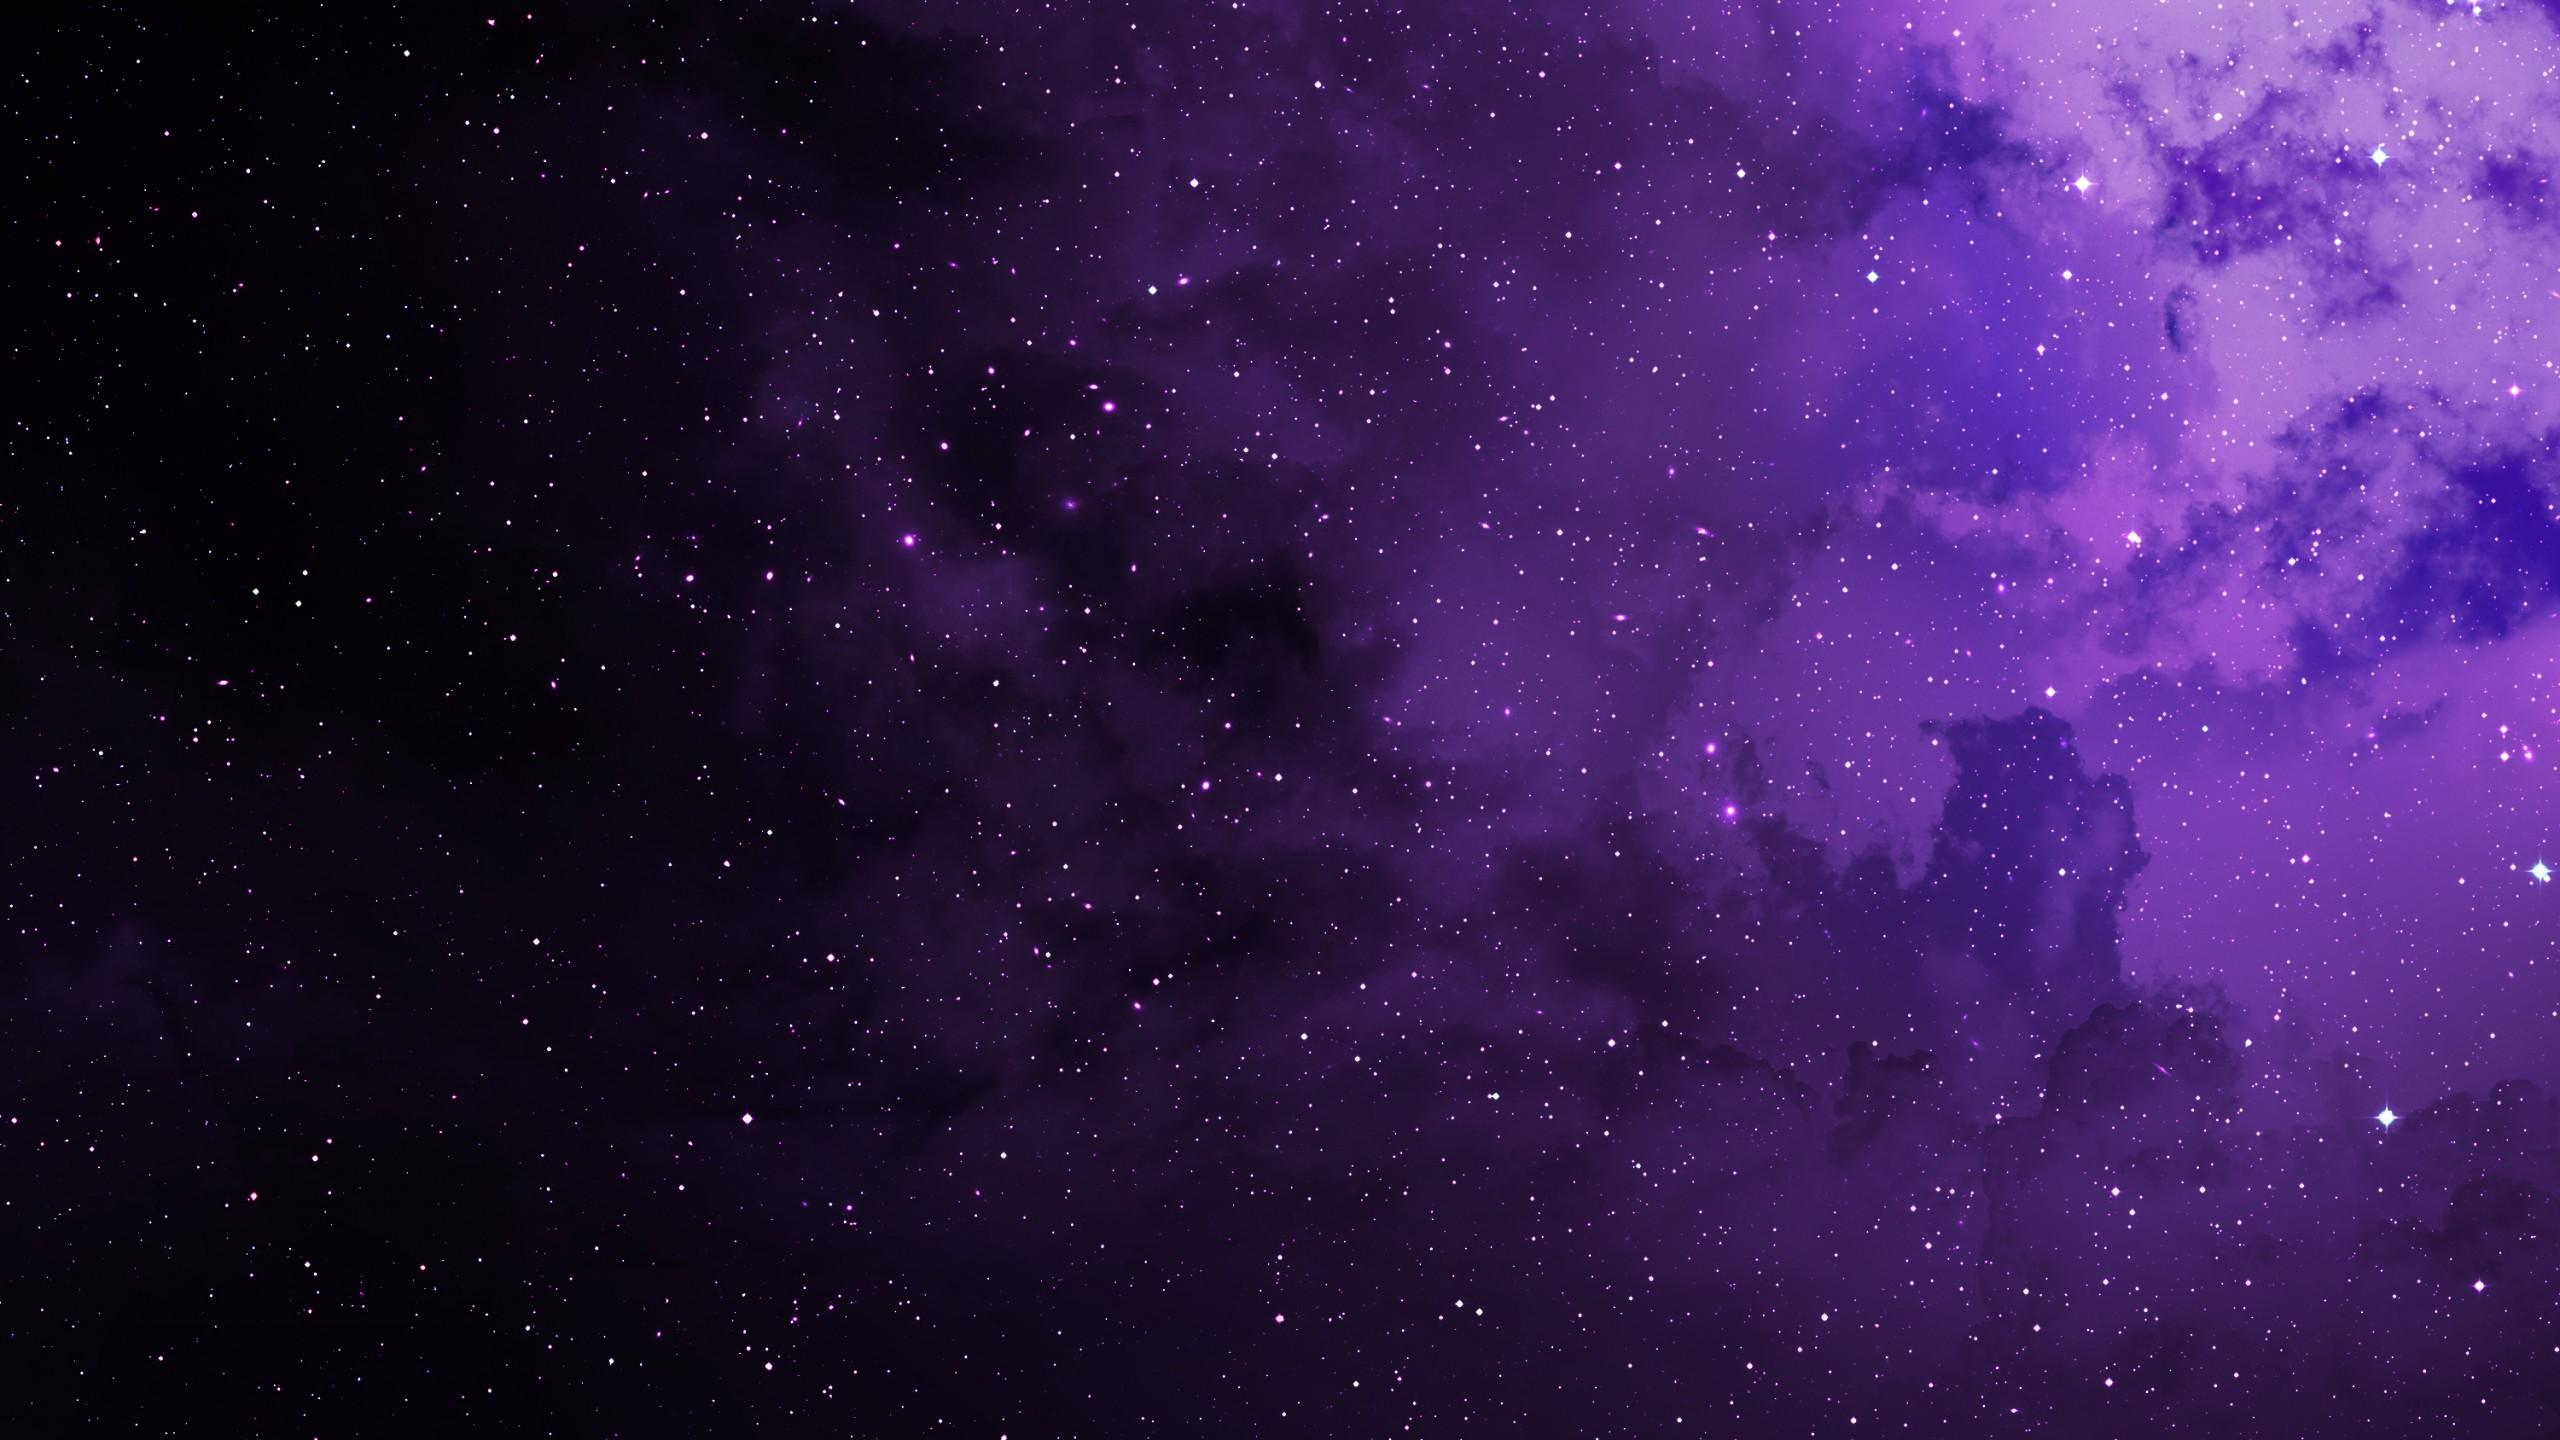 Purple Space Wallpaper Hd 2275511 Hd Wallpaper